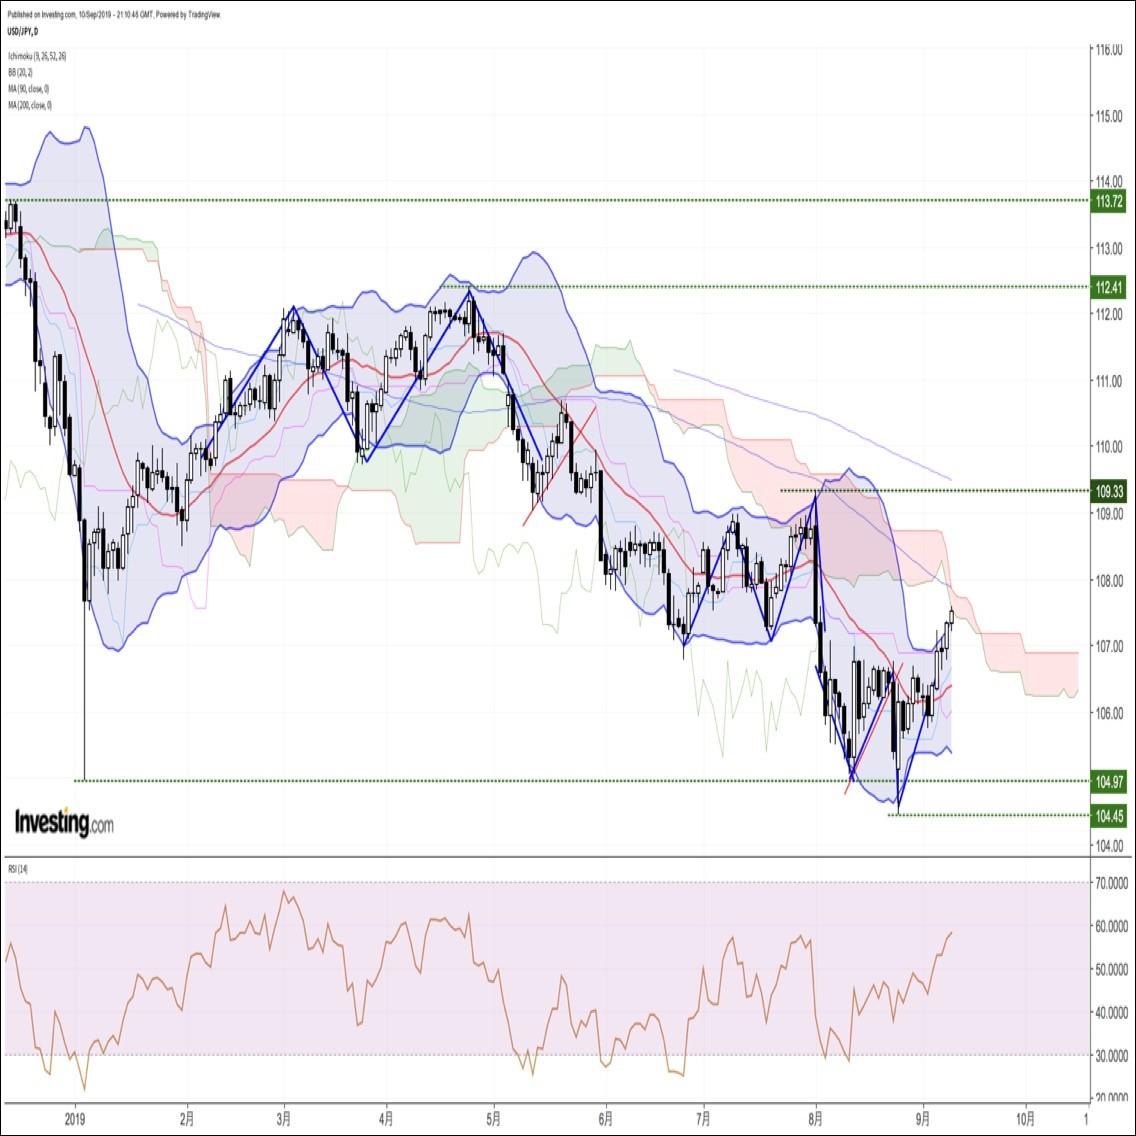 リスク選好ムード継続で高値更新。次回BOJでの追加緩和期待もドル円を下支え